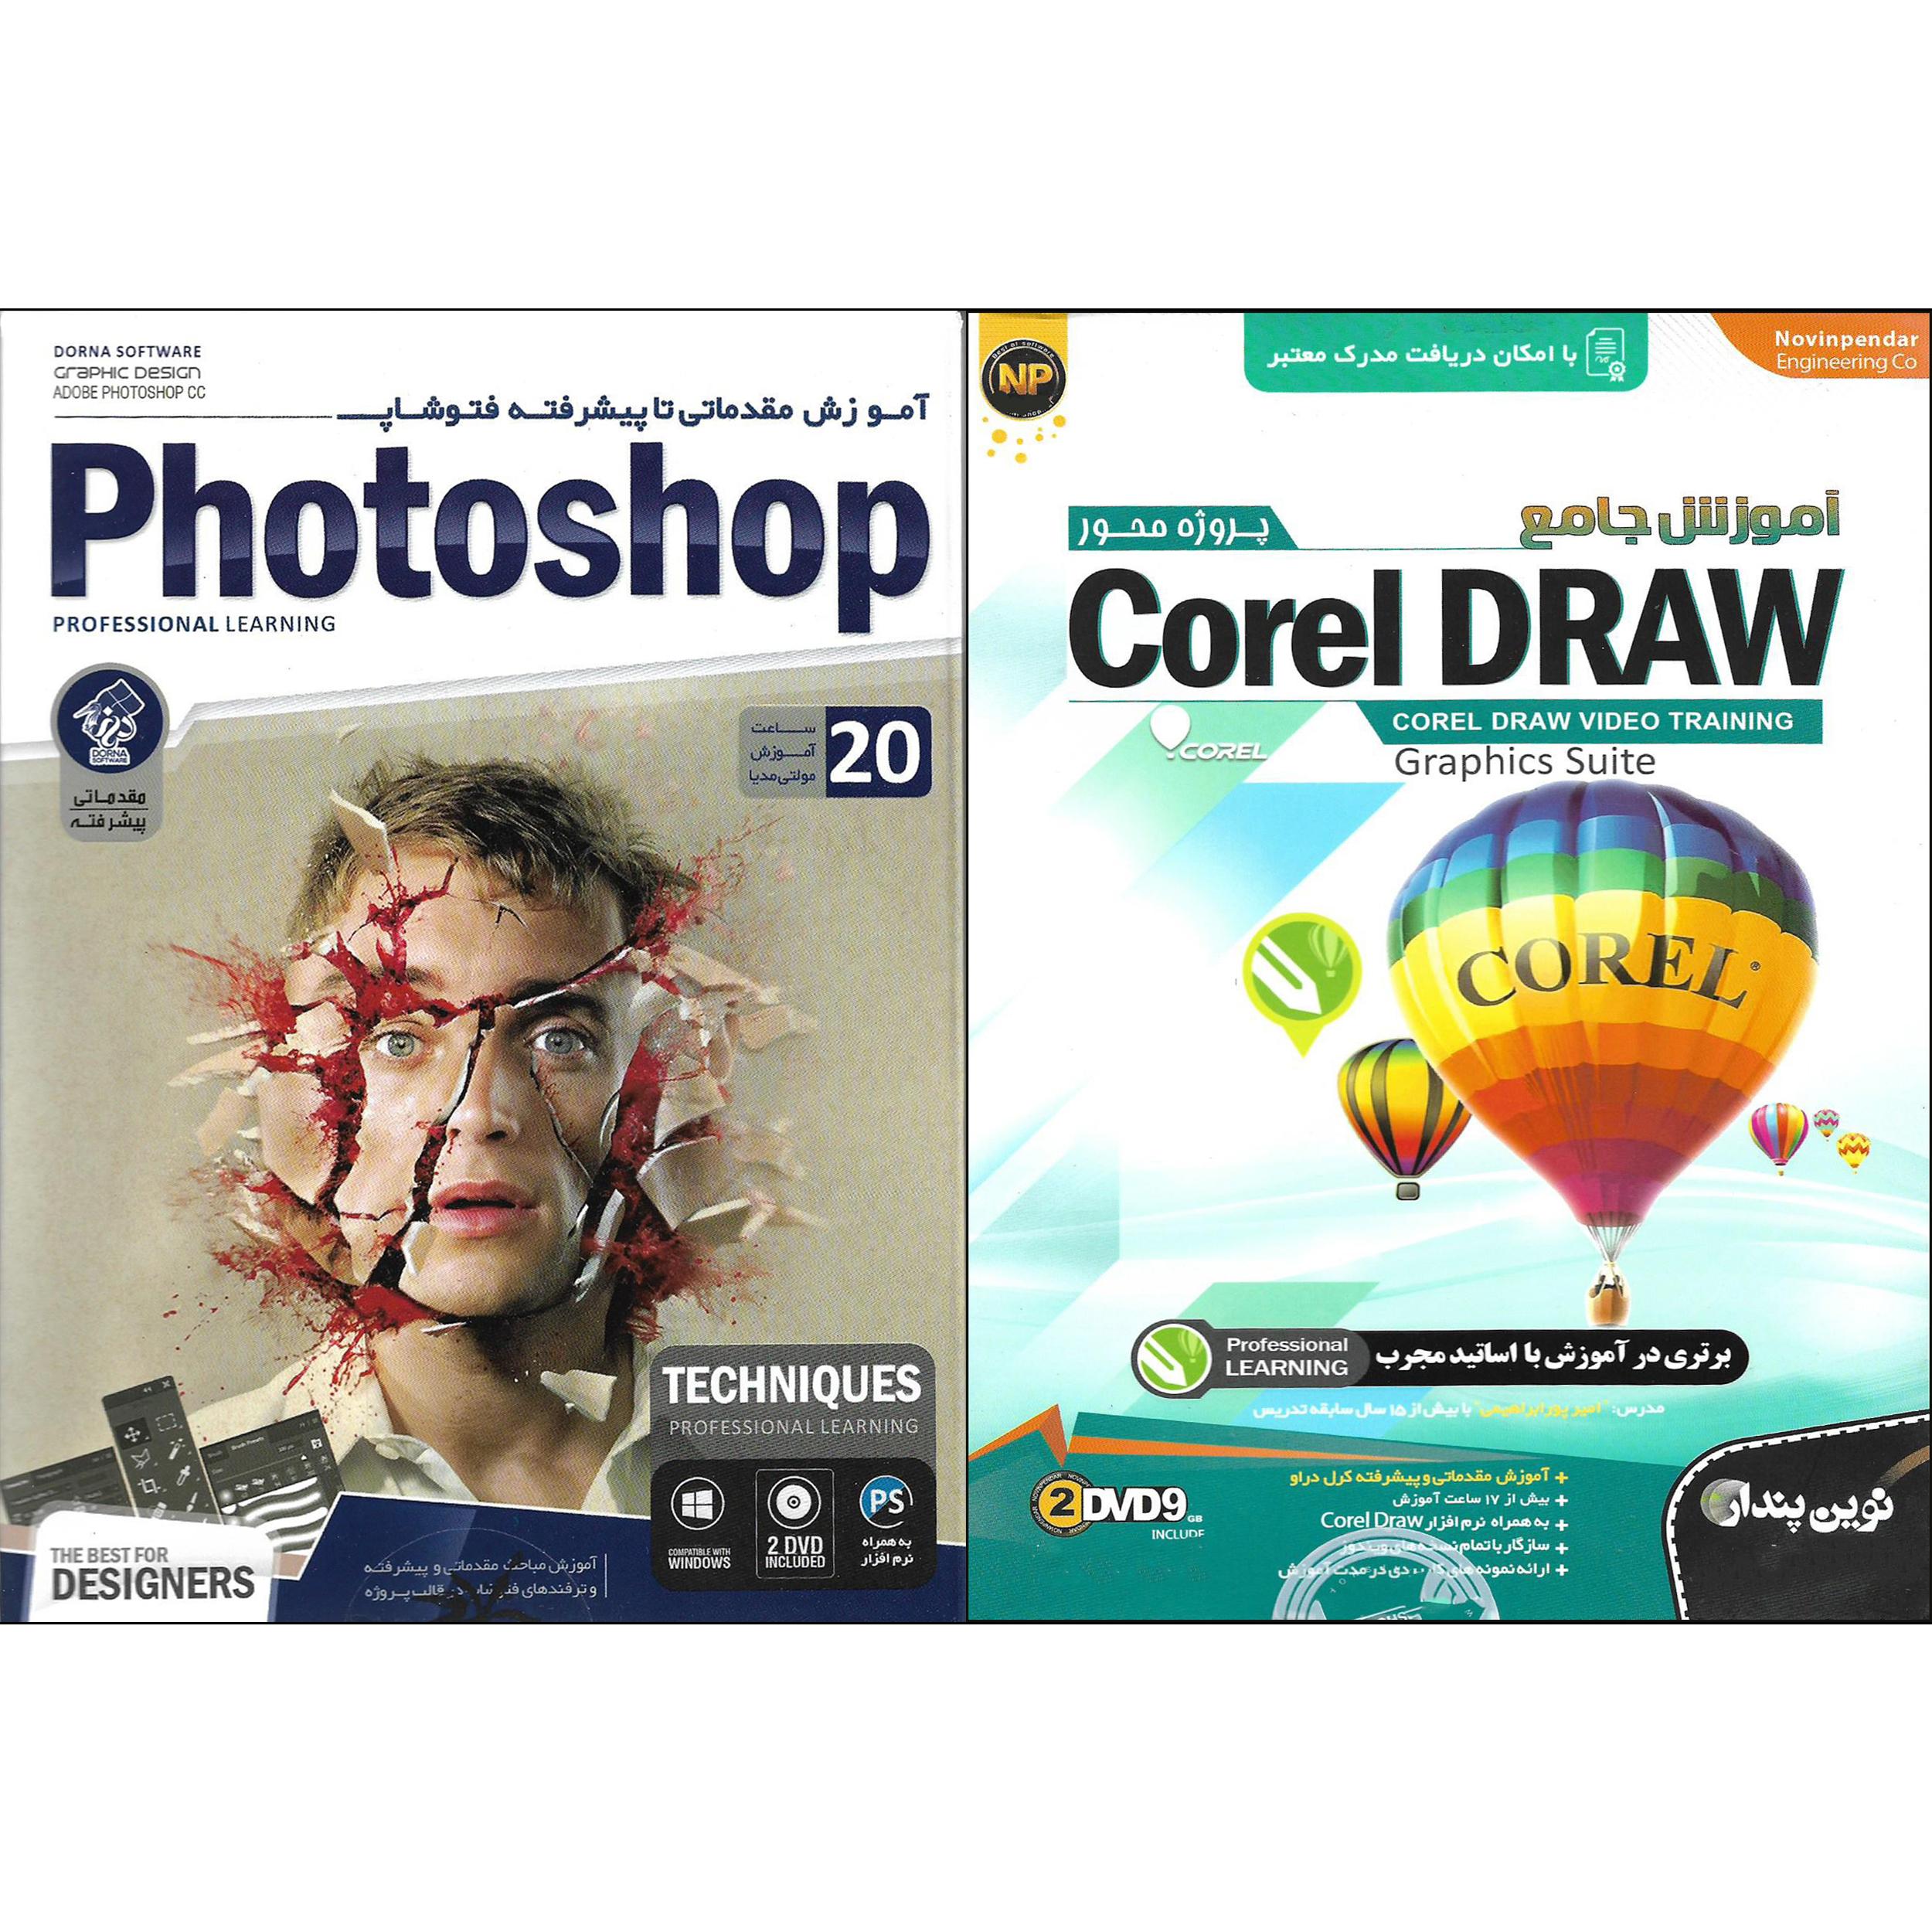 نرم افزار آموزش پروژه محور COREL DRAW نشر نوین پندار به همراه نرم افزار آموزش PHOTOSHOP نشر درنا